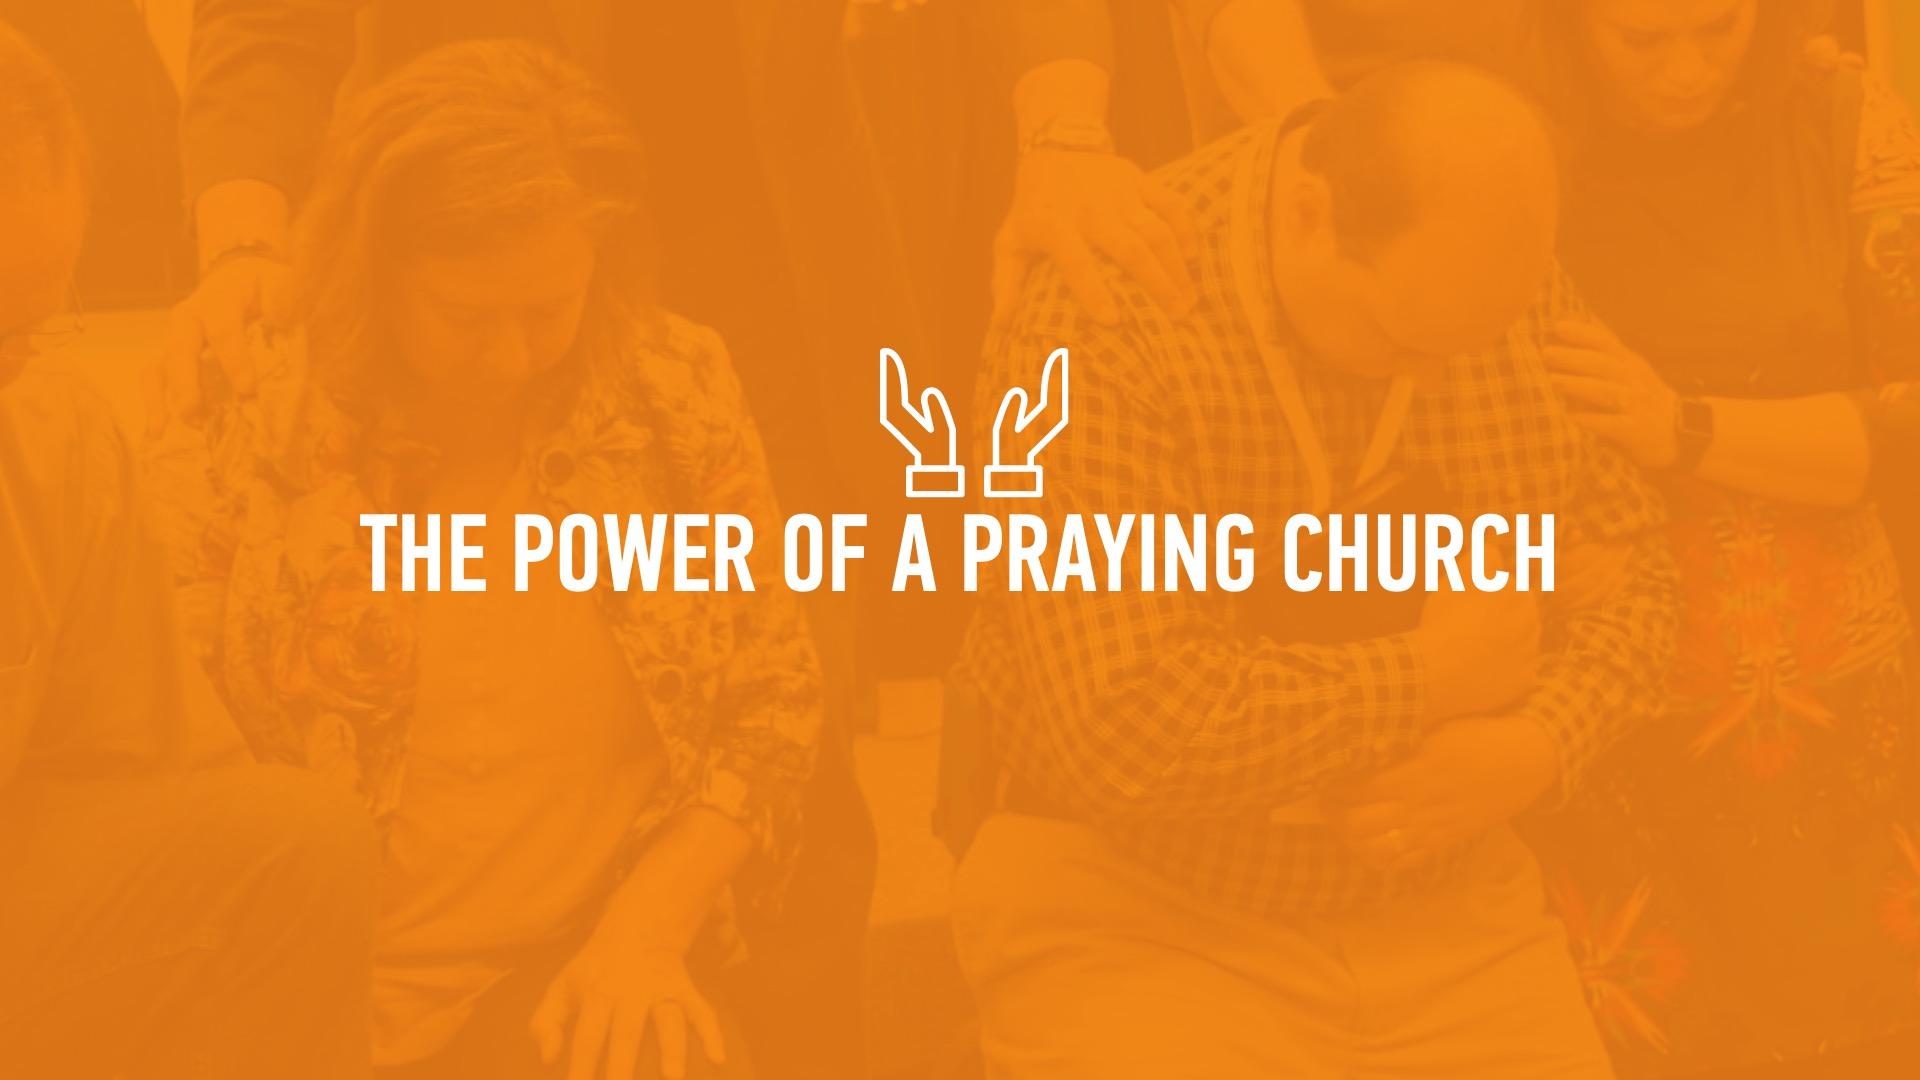 20190714 THE POWER OF A PRAYING CHURCH.jpg